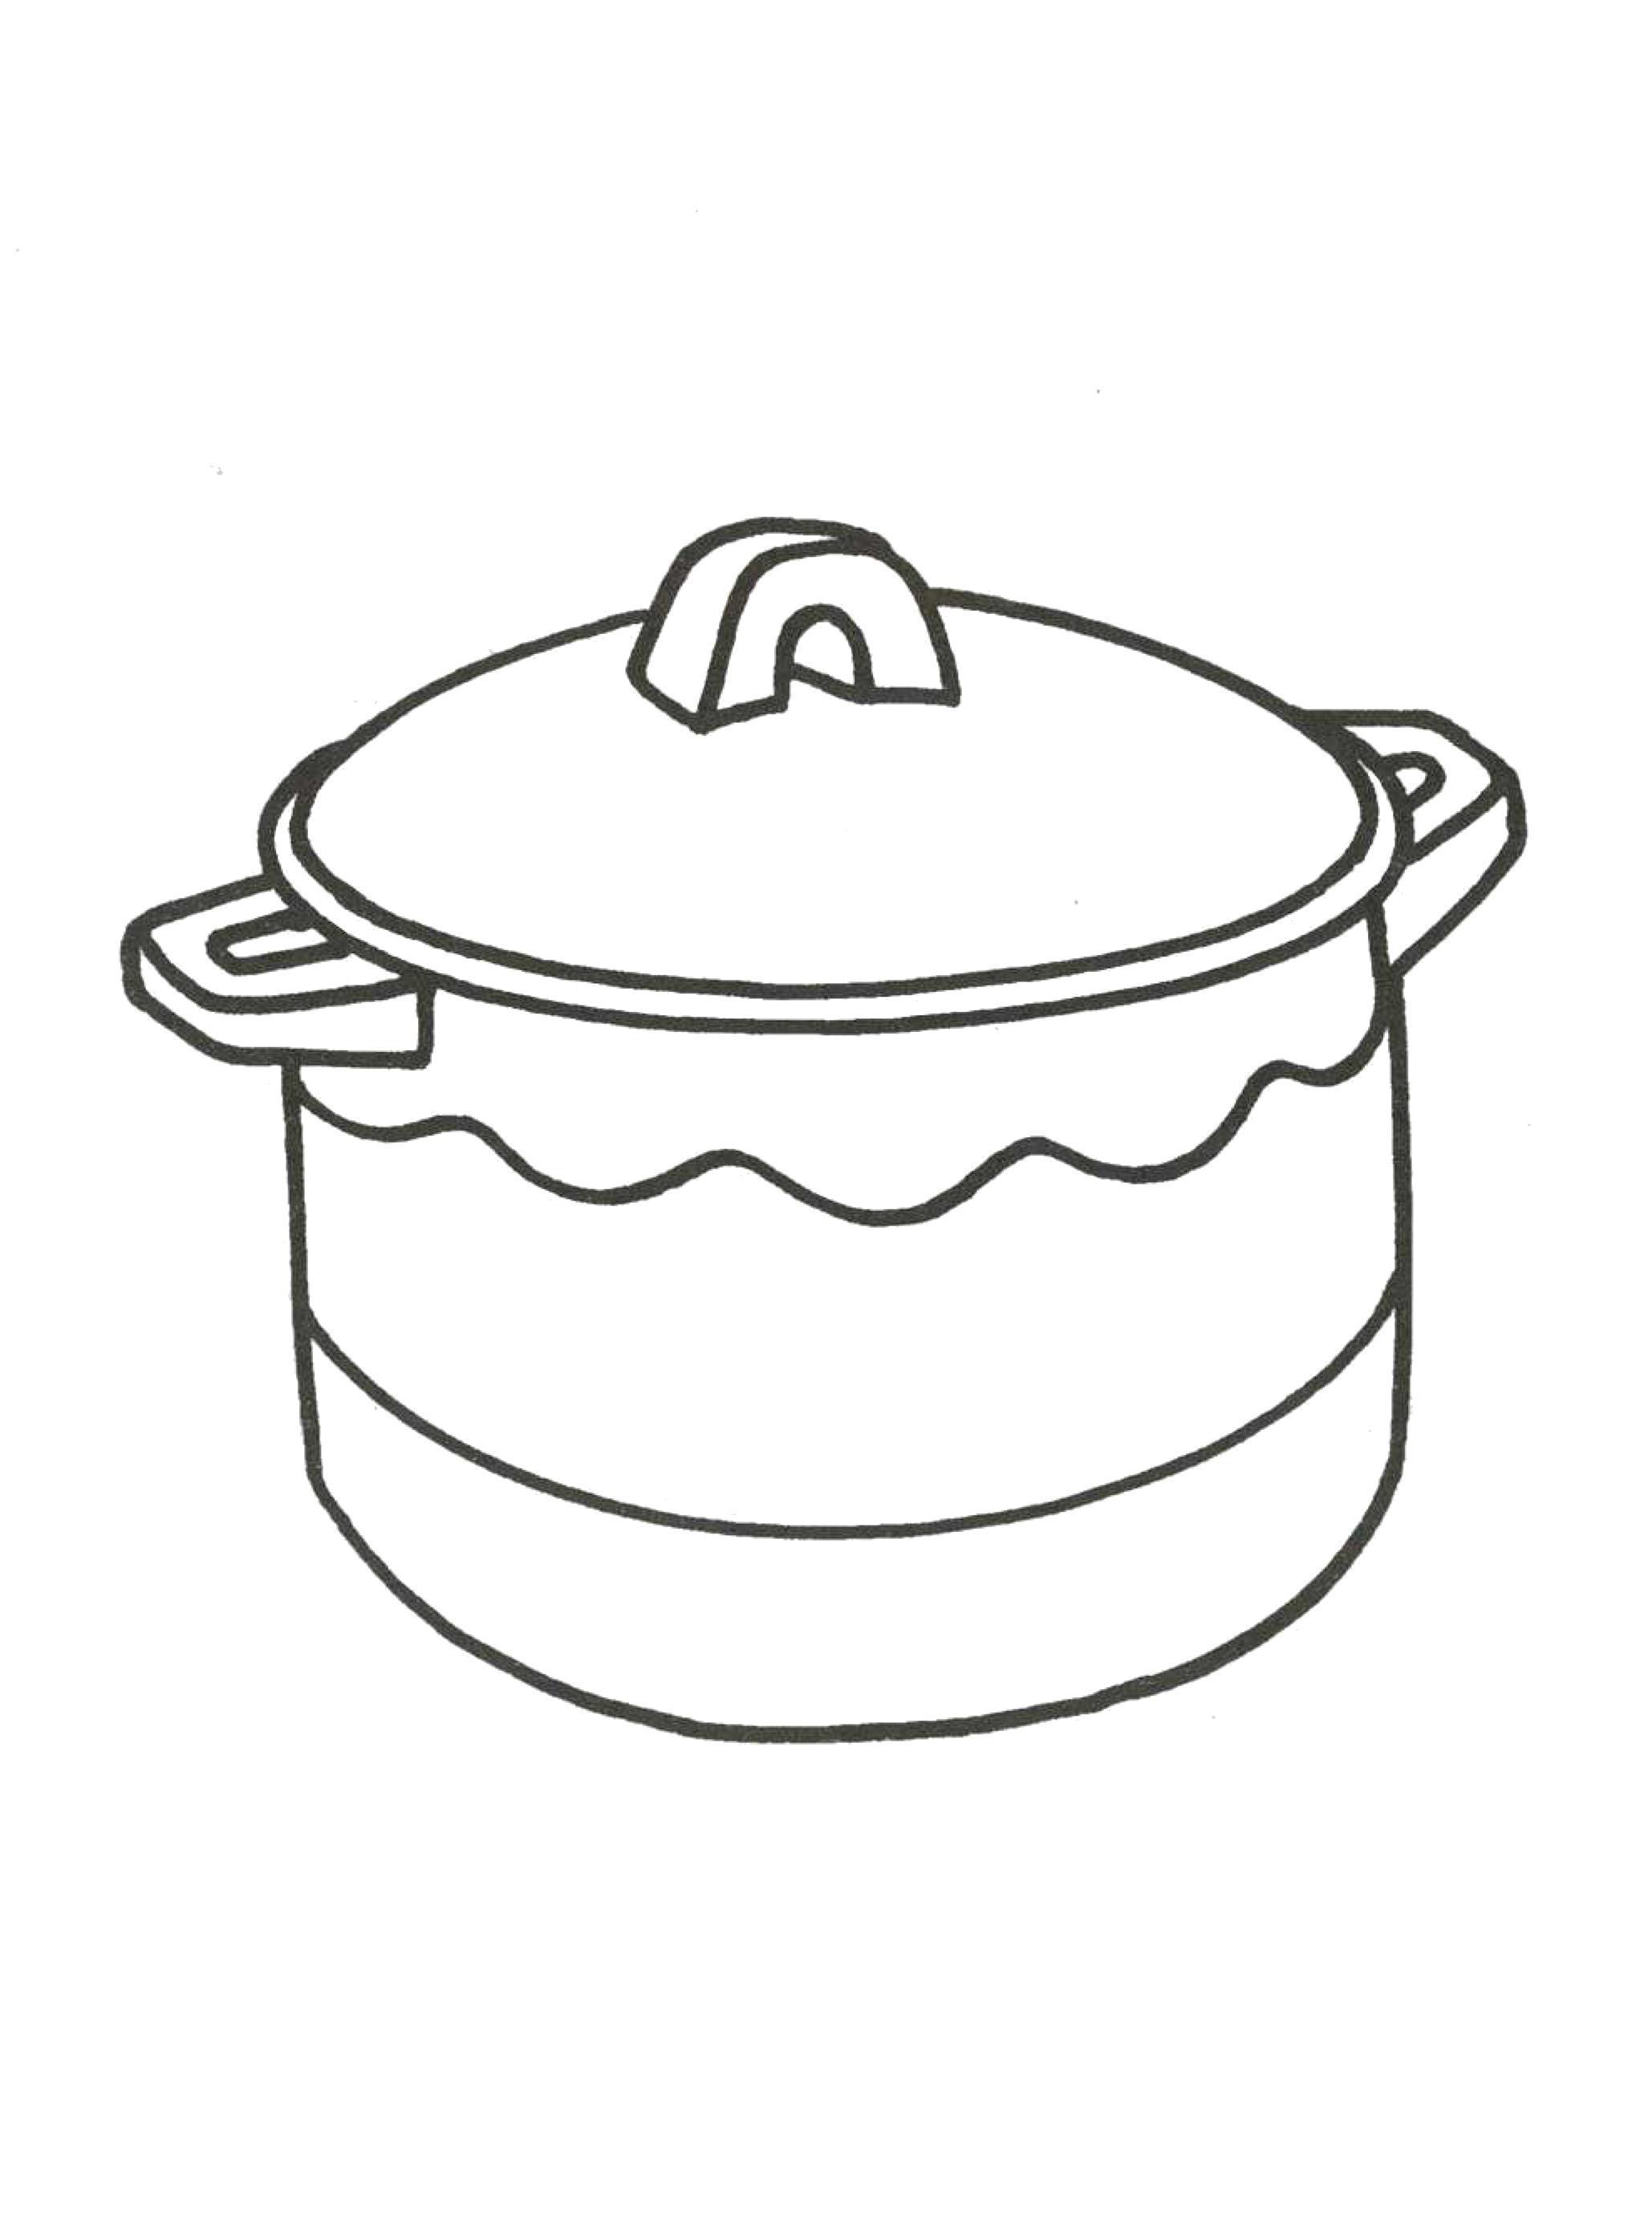 Раскраска кастрюля, кухня, посуда. Скачать кастрюля.  Распечатать кастрюля